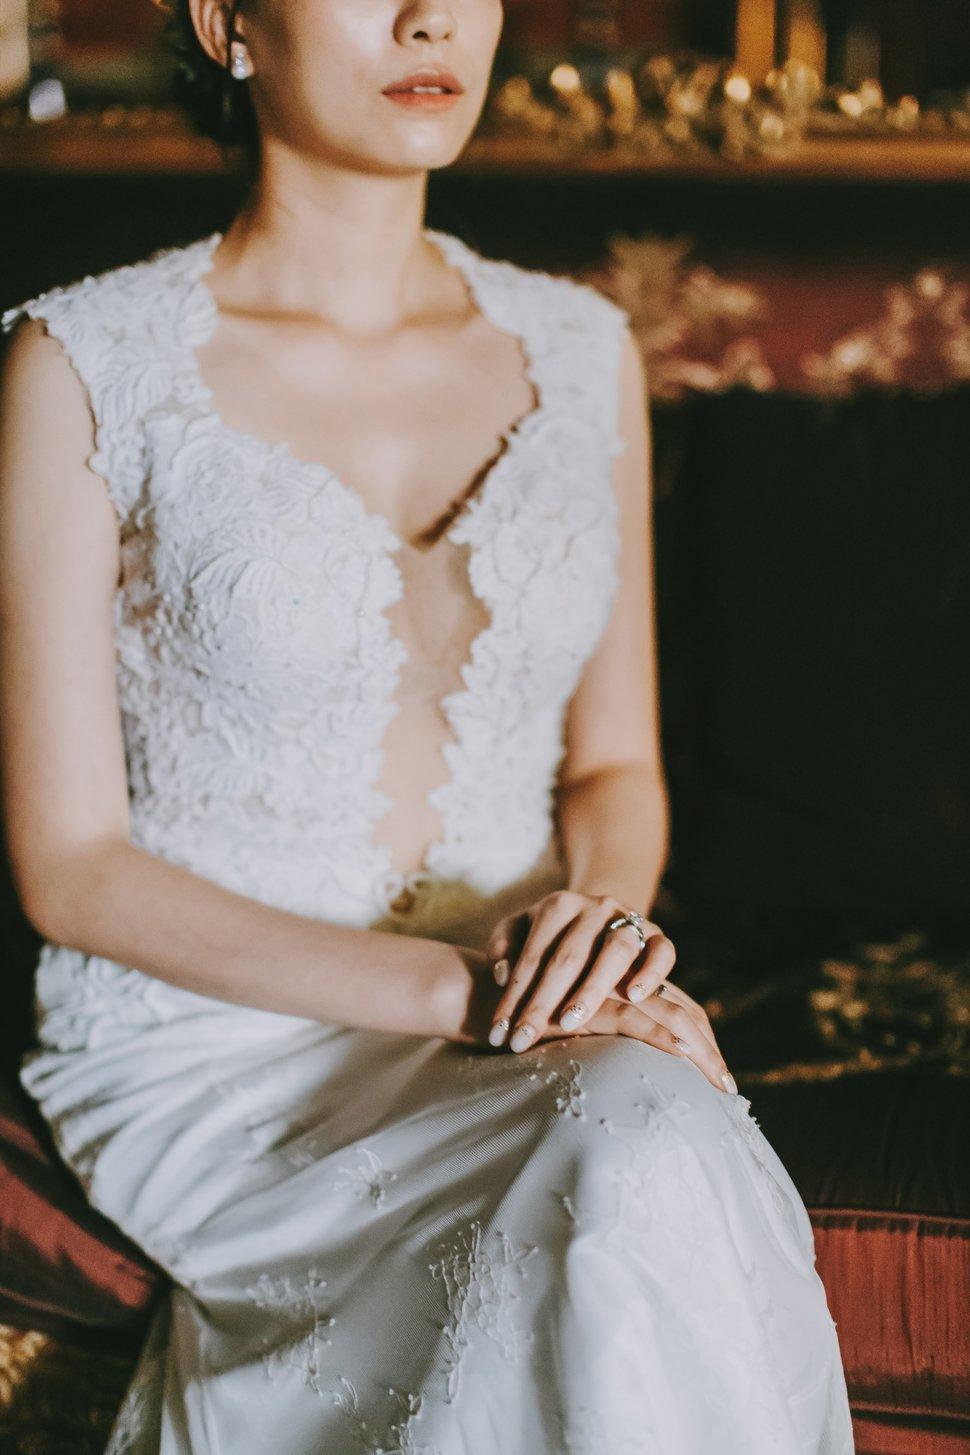 美式婚紗-自助婚紗-Amazing Grace攝影- Amazing Grace Studio-戶外婚紗-老英格蘭婚紗 -台北婚紗-台中婚紗-美式婚攝126 - Amazing Grace Studio《結婚吧》